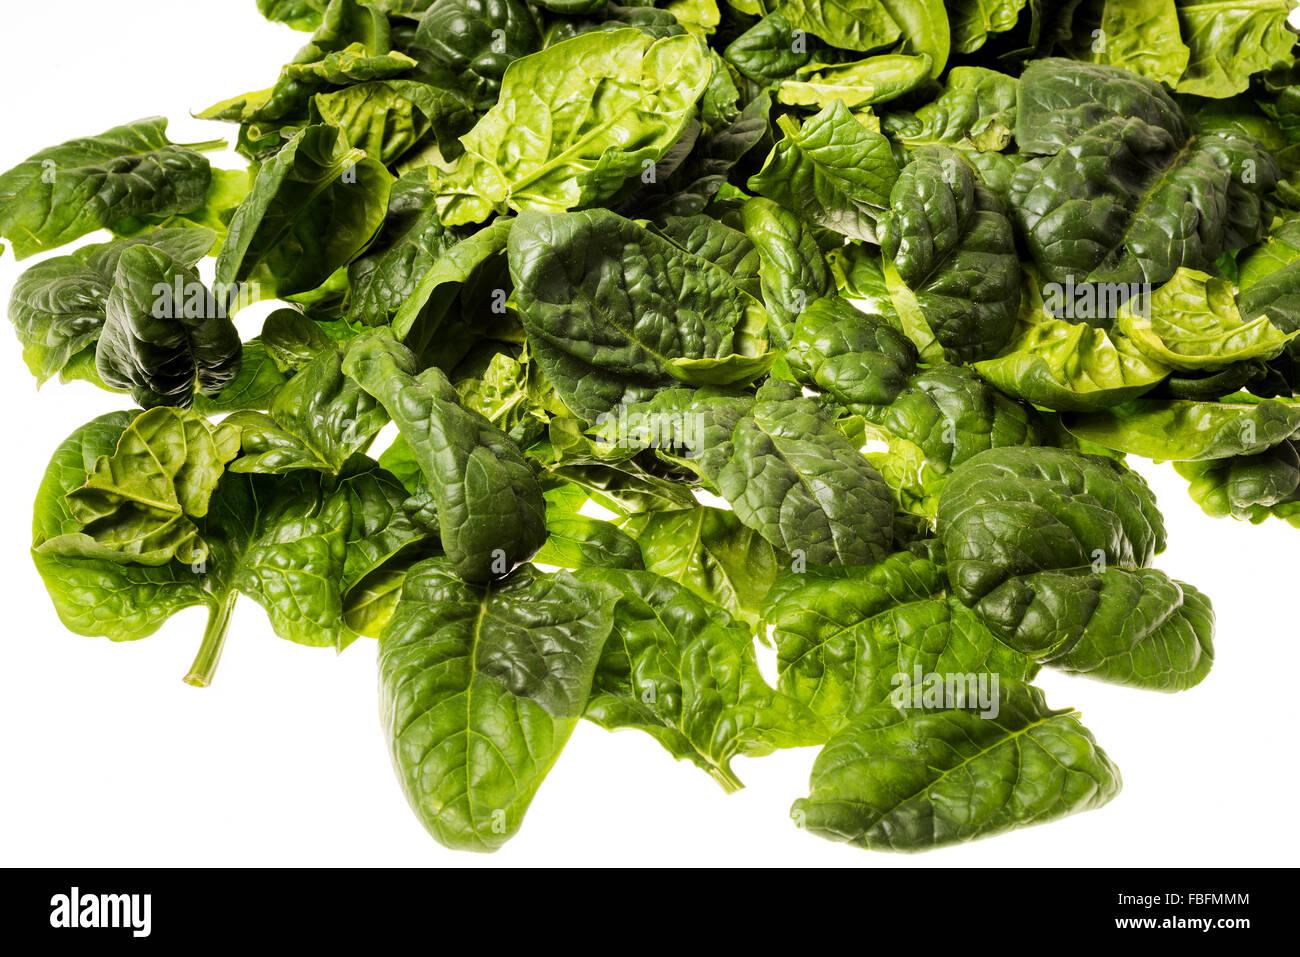 Italienischer Blattspinat, frisch geerntete einzelne Blätter Salat Koch Kochen grüne Greenfood Essen Spinat Stockbild